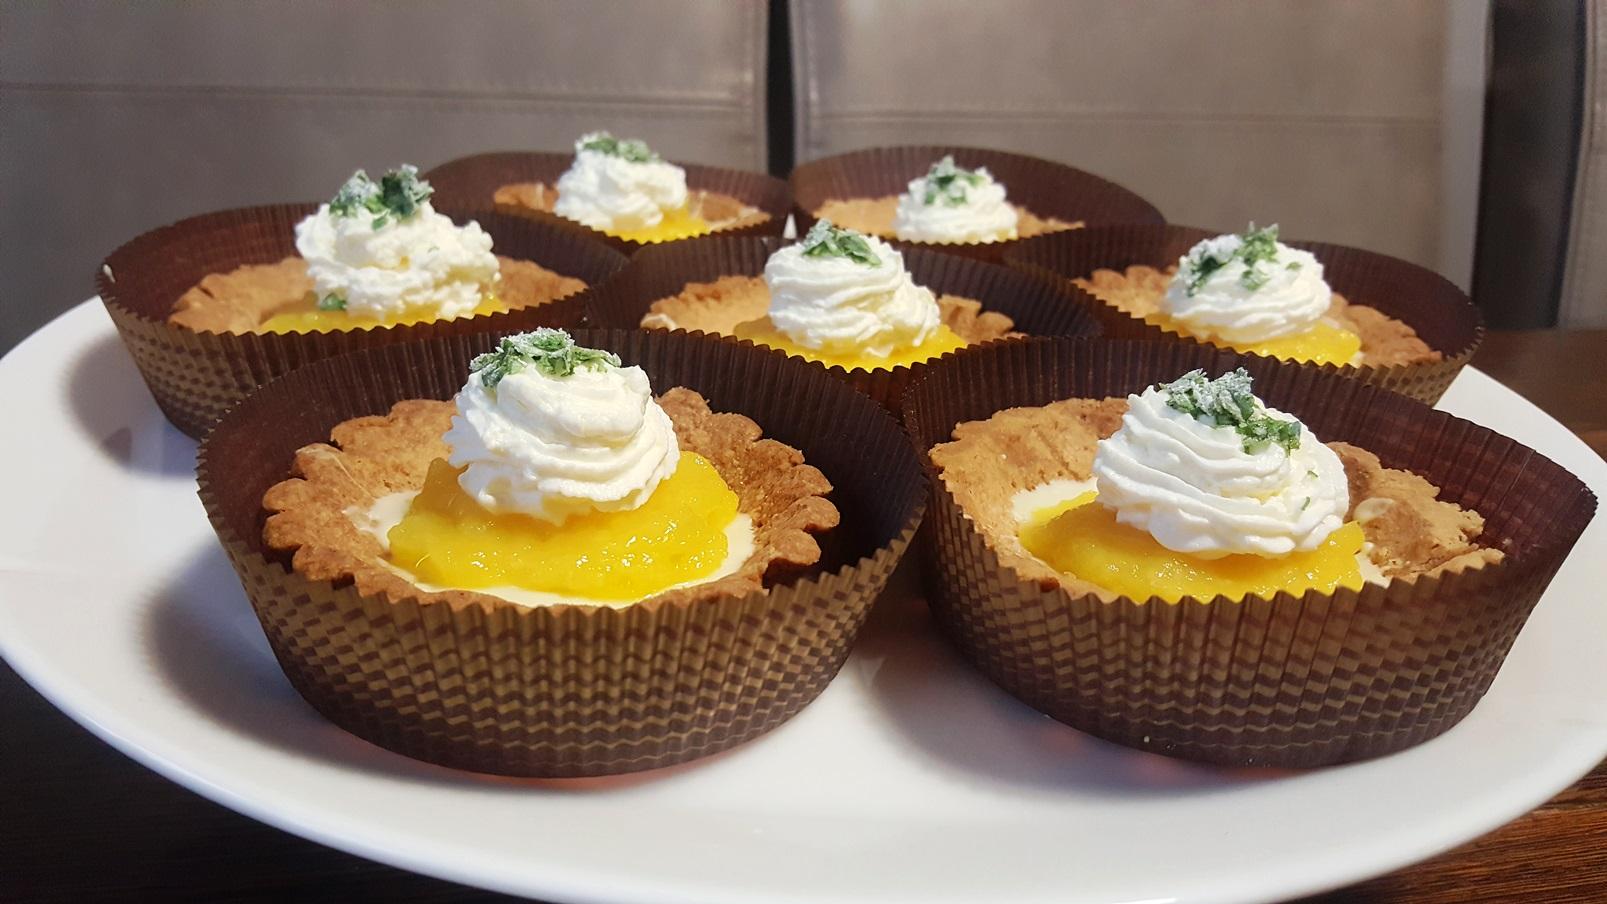 Tartaletki z białą czekoladą, purée z mango, bitą śmietaną z mascarpone i melisą